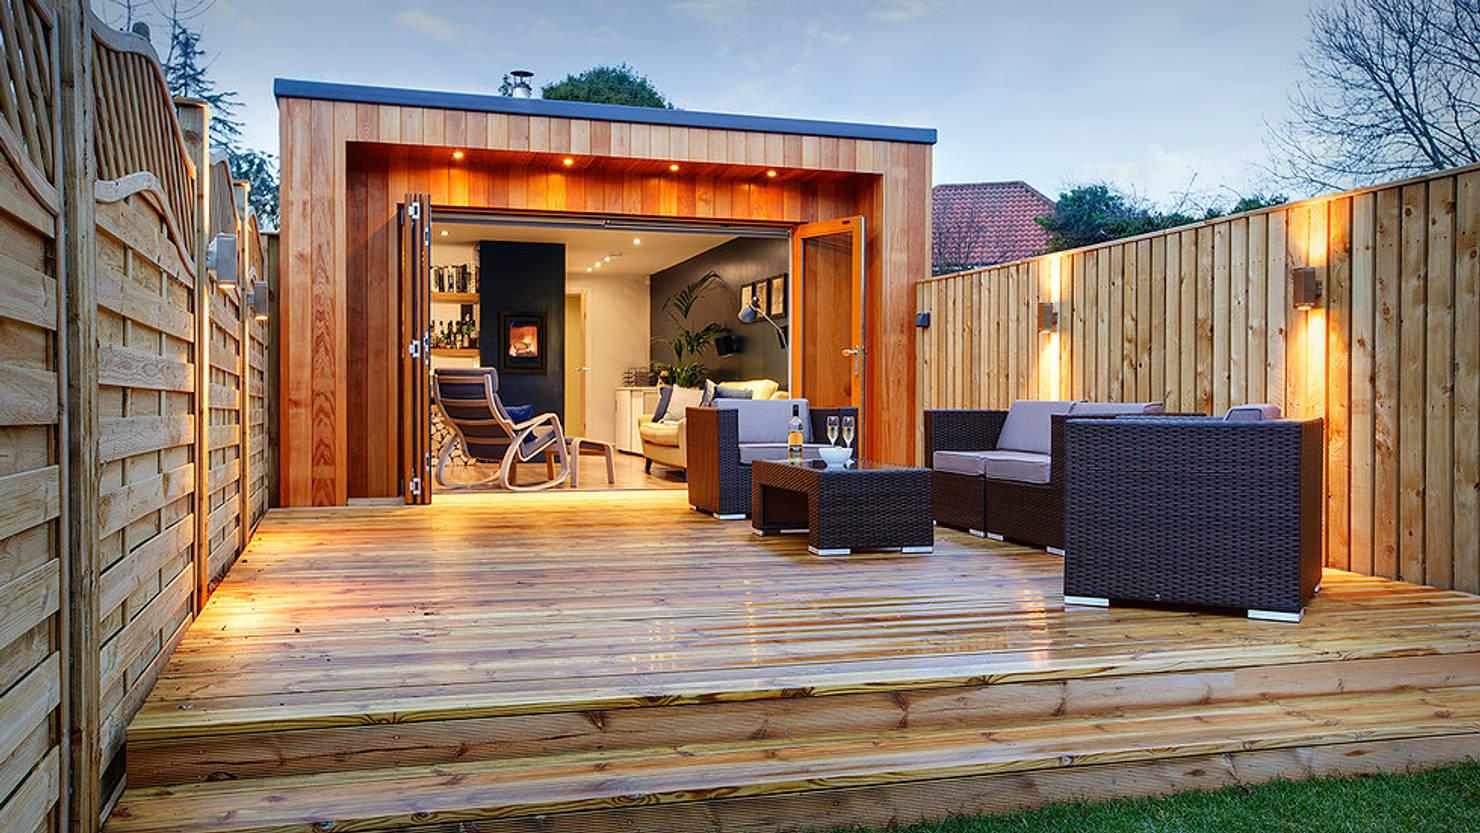 Bahçenize yaptıracağınız basit bir ek bina ile muhteşem bir dinlenme alanı kazanabileceğinizi biliyor muydunuz?